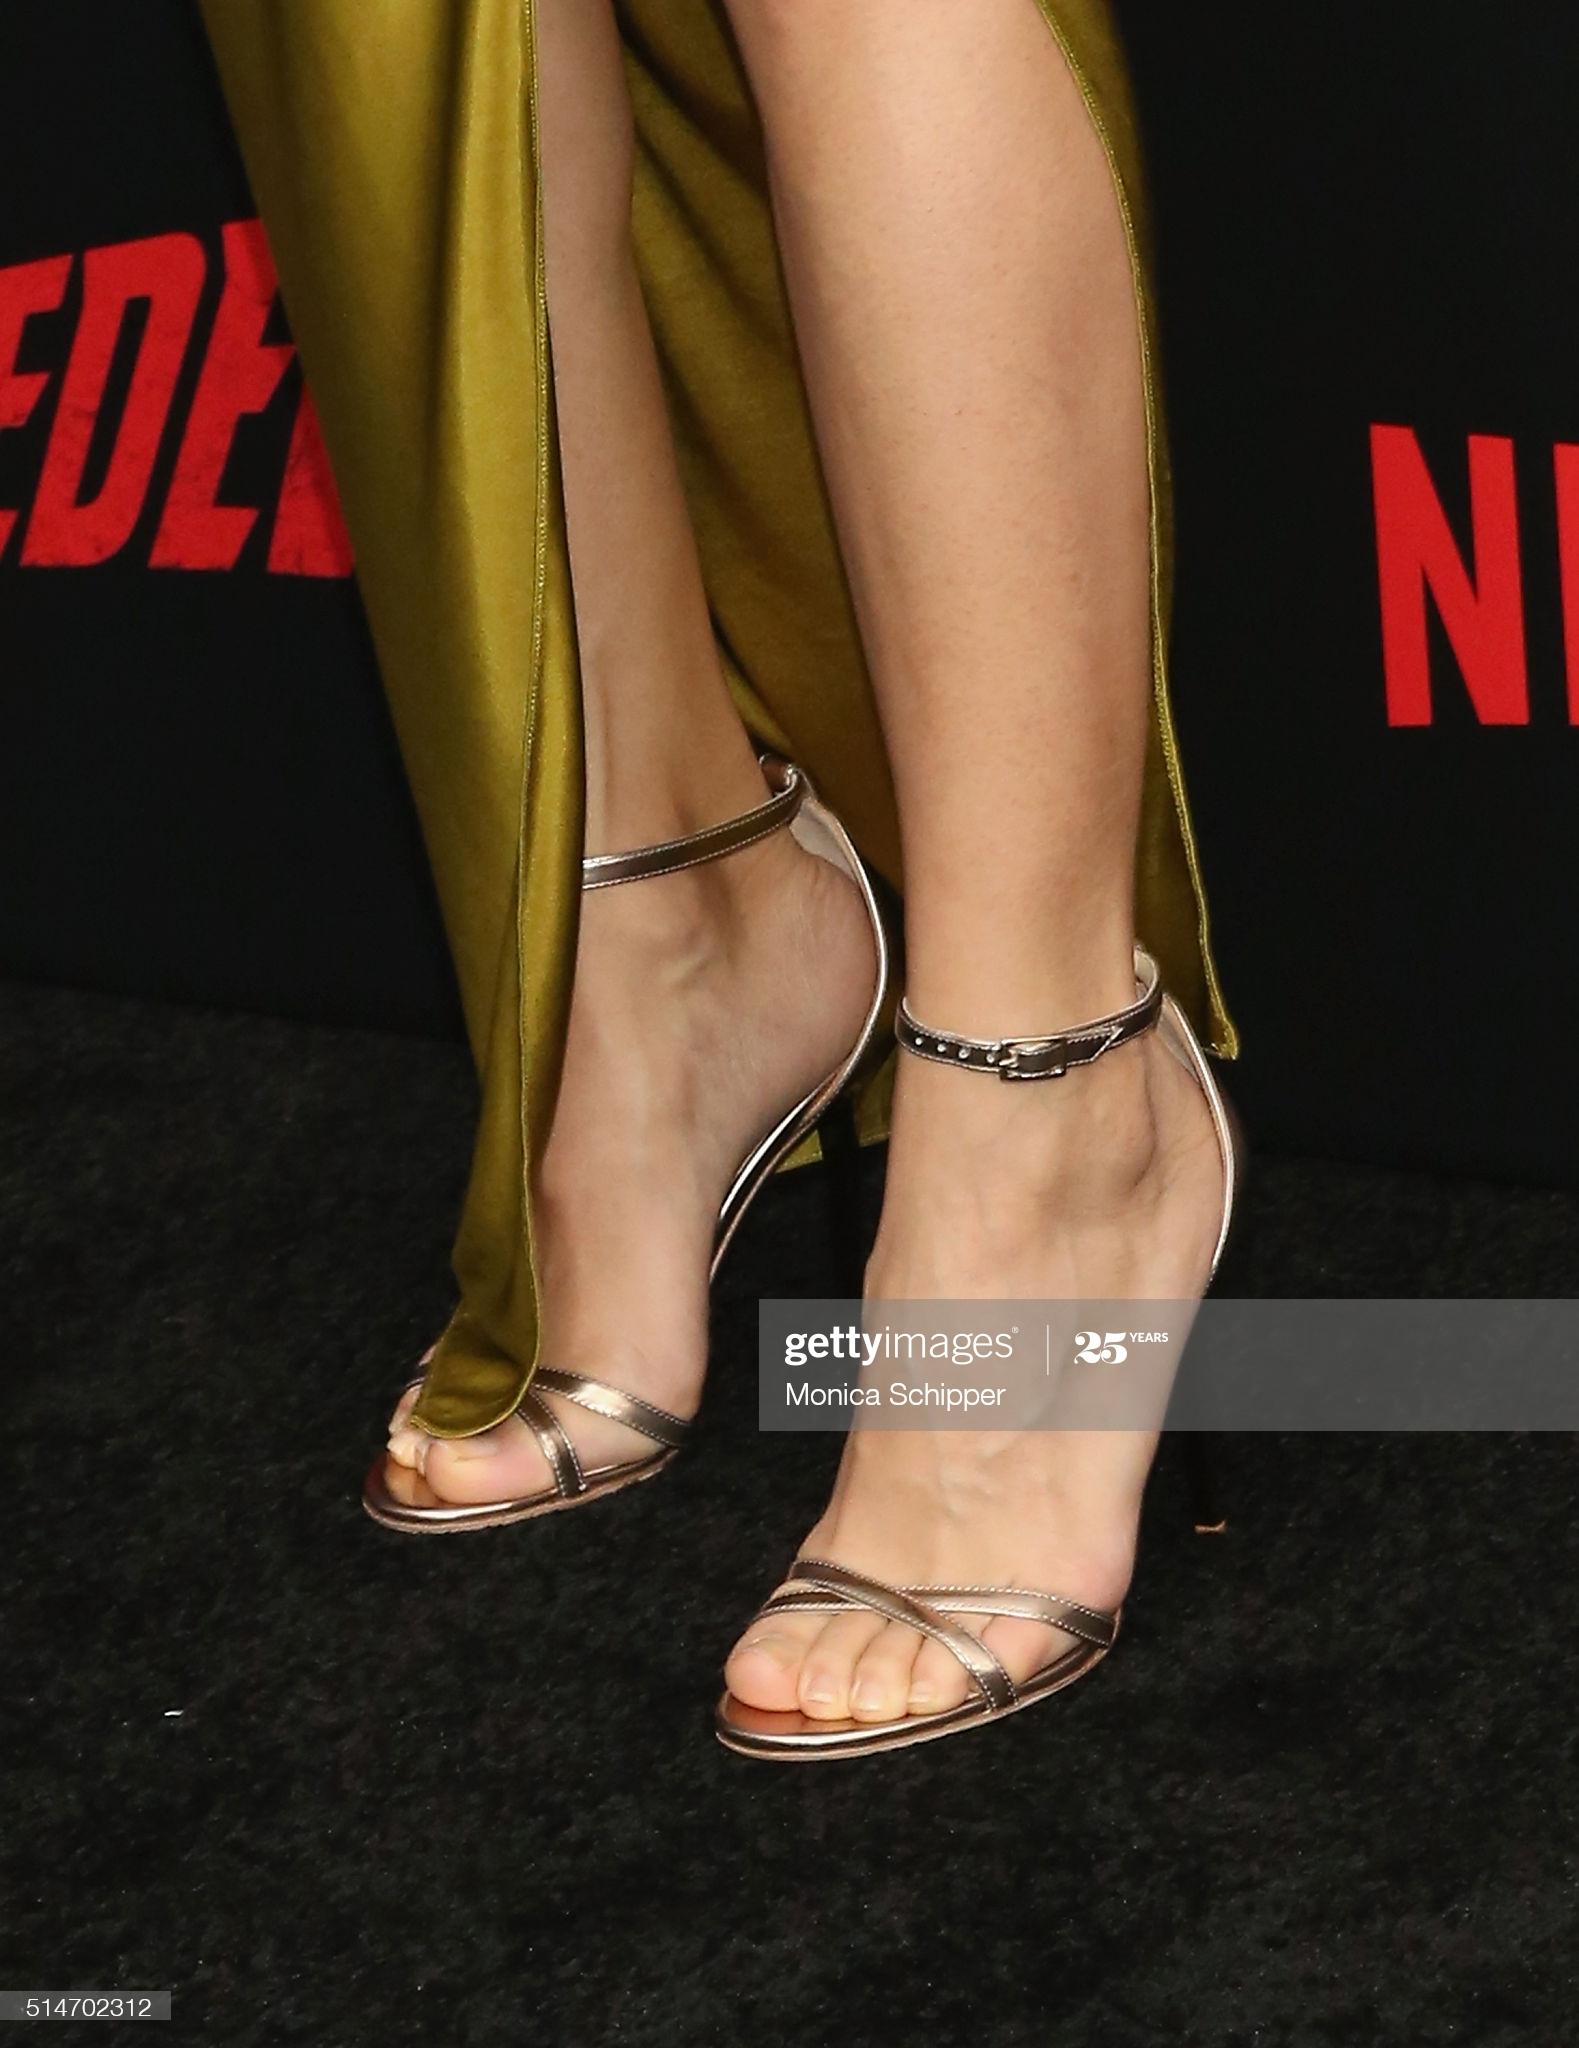 Elodie Yungs Feet